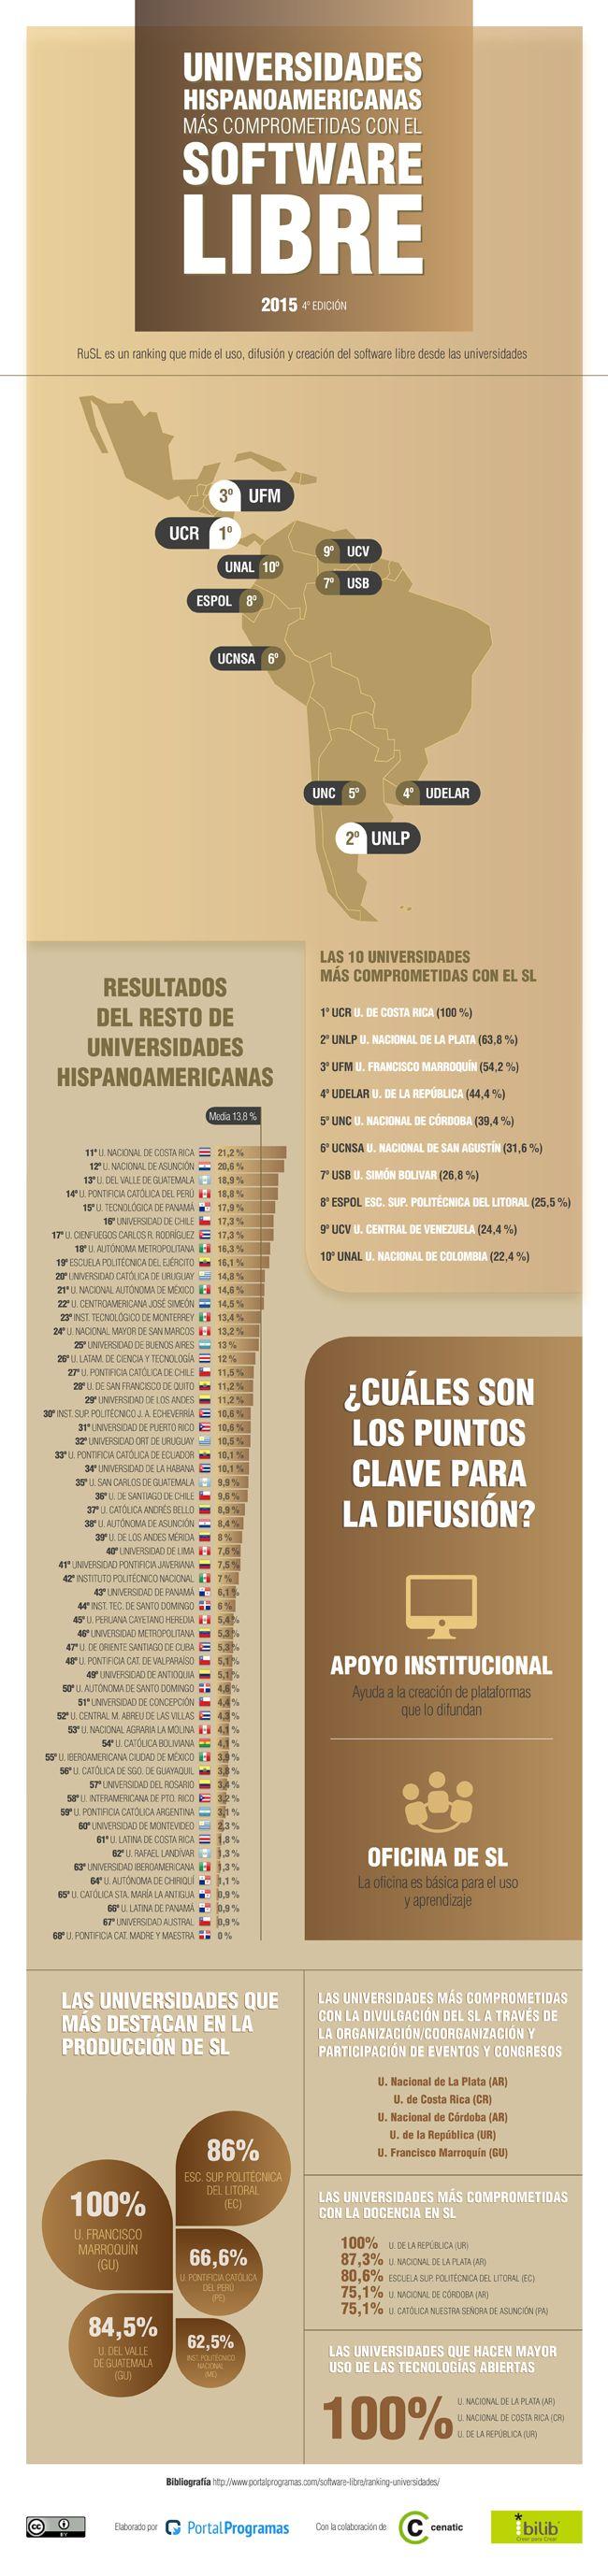 Este año hemos extendido el Ranking de #universidades en #Softwarelibre a #hispanoamérica. Aquí está: #Infografía  http://www.portalprogramas.com/milbits/informatica/mejores-universidades-hispanoamericanas-software-libre-2015.html